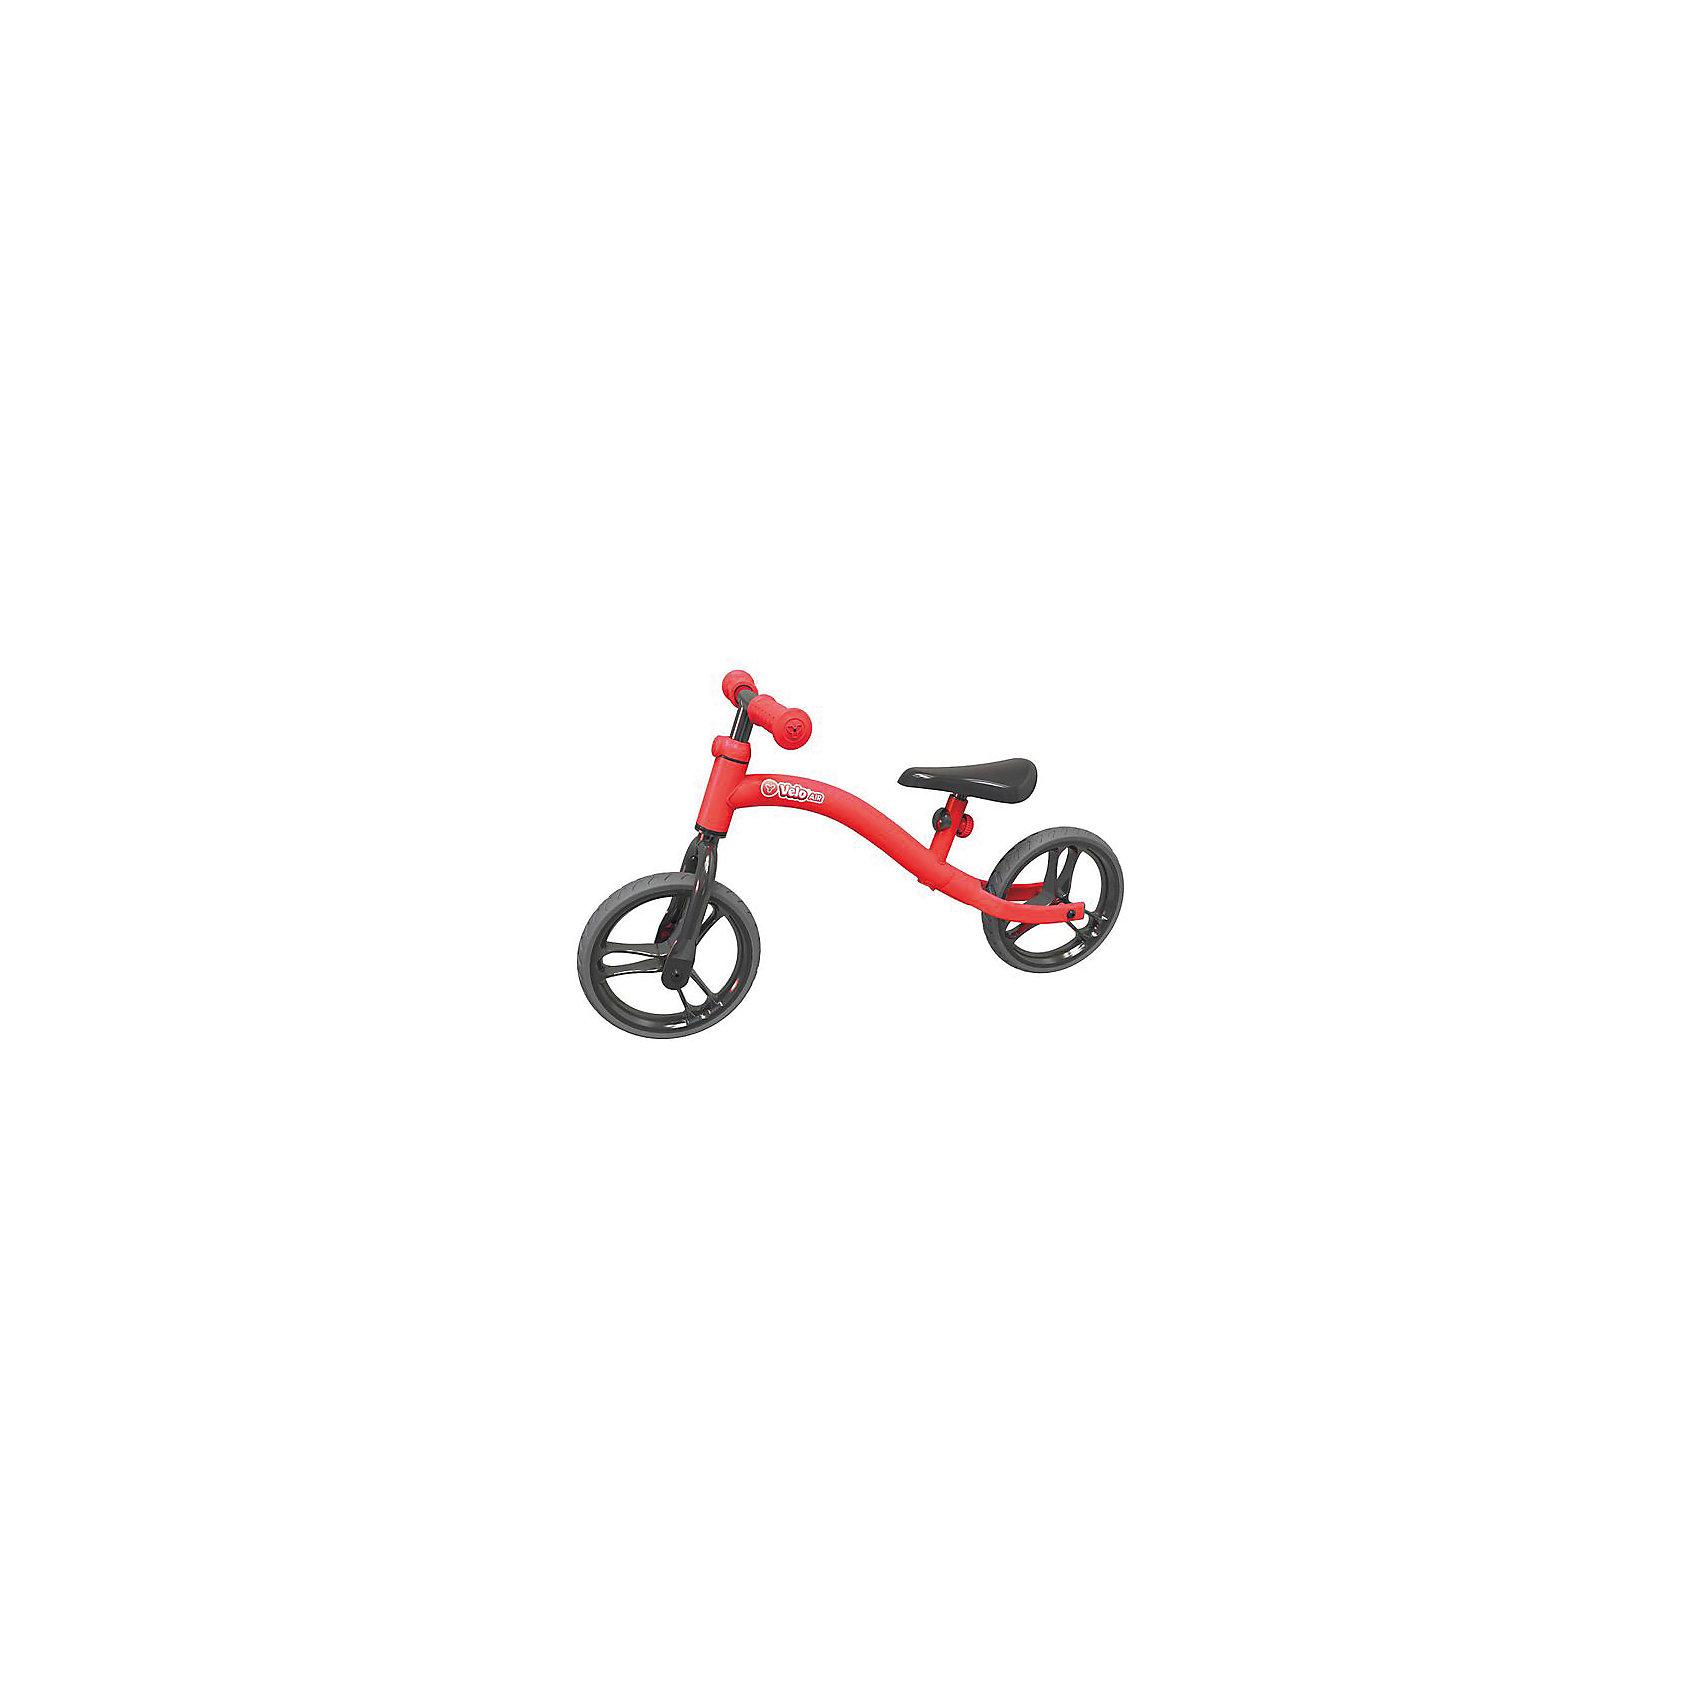 Беговел Y-volution Velo Air, красныйБеговелы<br>Характеристики товара:<br><br>• возраст: от 3 лет;<br>• максимальная нагрузка: 20 кг;<br>• материал: металл, пластик;<br>• диаметр колес: 9 дюймов;<br>• регулируемые руль и сидение в 3 позициях;<br>• дпрорезиненные накладки на ручках;<br>• вес беговела: 2,3 кг;<br>• размер упаковки: 105х65,5х98,5 см;<br>• вес упаковки: 3,5 кг;<br>• страна производитель: Китай.<br><br>Беговел Velo Air Y-Evolution красный сделает активной и интересной прогулку на свежем воздухе, а также научит малыша координировать движения и держать равновесие. Рама беговела изготовлена из прочного металла. На ручках руля имеются прорезиненные накладки, чтобы во время движения ладошки не соскальзывали.<br><br>Сидение и руль регулируются по высоте, позволяя подобрать оптимальную высоту под растущего ребенка. Большие колеса во время езды поглощают удары.<br><br>Беговел Velo Air Y-Evolution красный можно приобрести в нашем интернет-магазине.<br><br>Ширина мм: 1050<br>Глубина мм: 655<br>Высота мм: 985<br>Вес г: 3500<br>Возраст от месяцев: 36<br>Возраст до месяцев: 2147483647<br>Пол: Унисекс<br>Возраст: Детский<br>SKU: 6679946